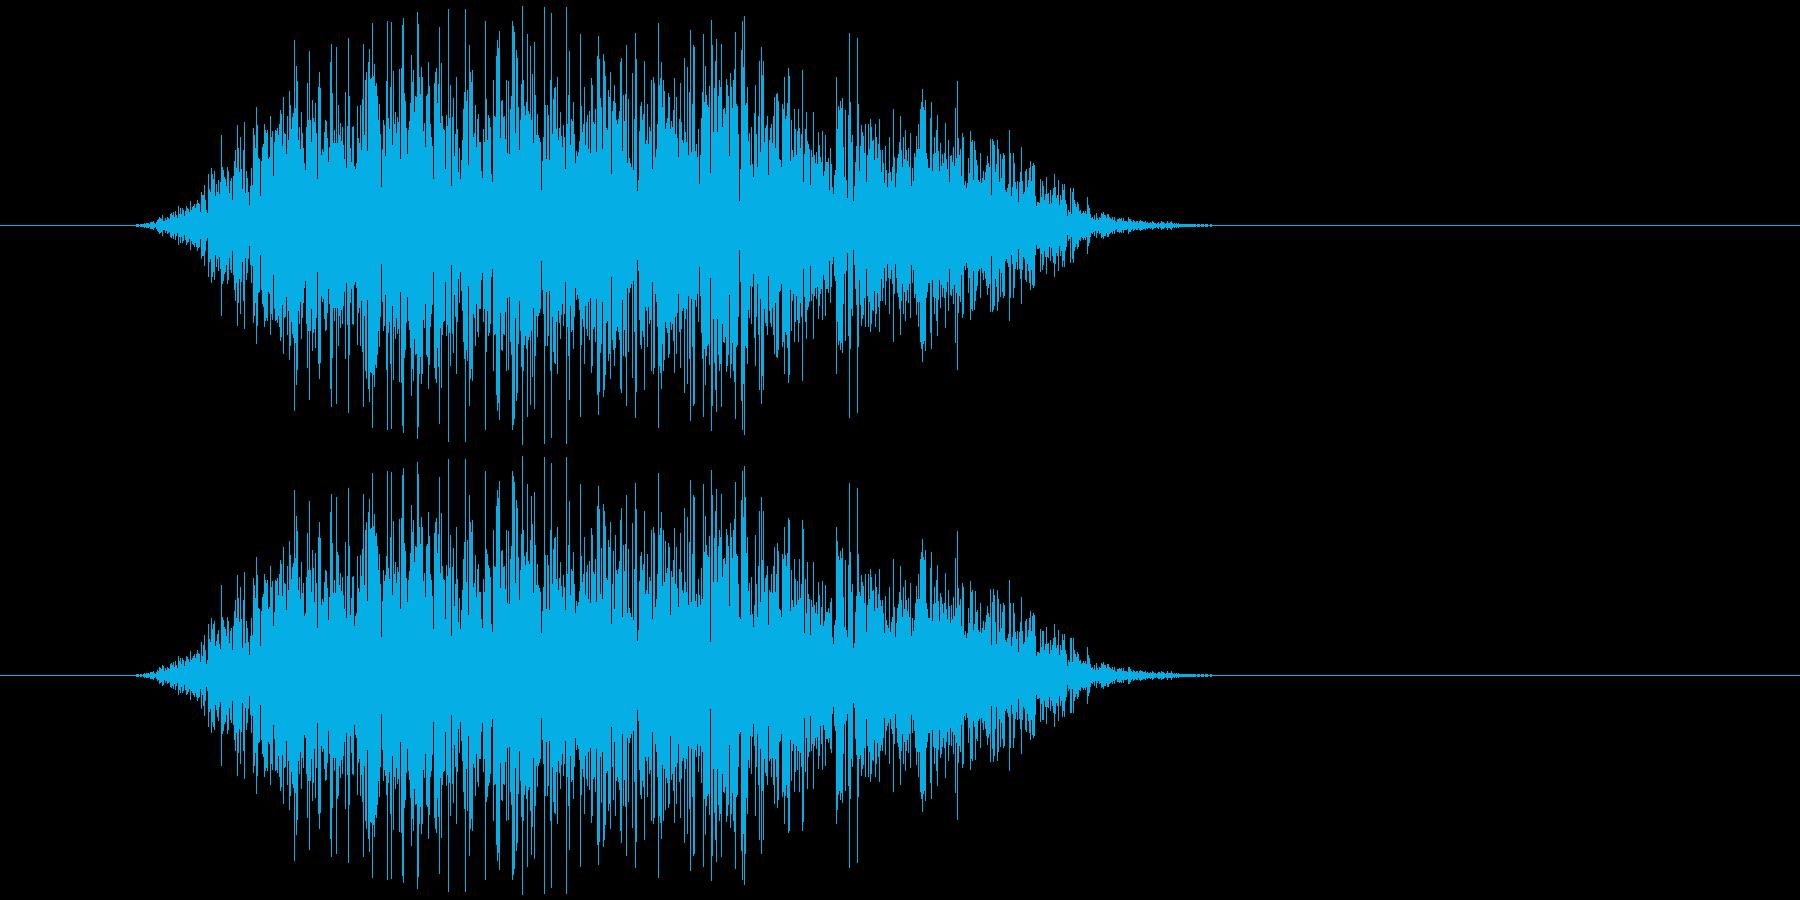 プシュ(炭酸ガス)の再生済みの波形